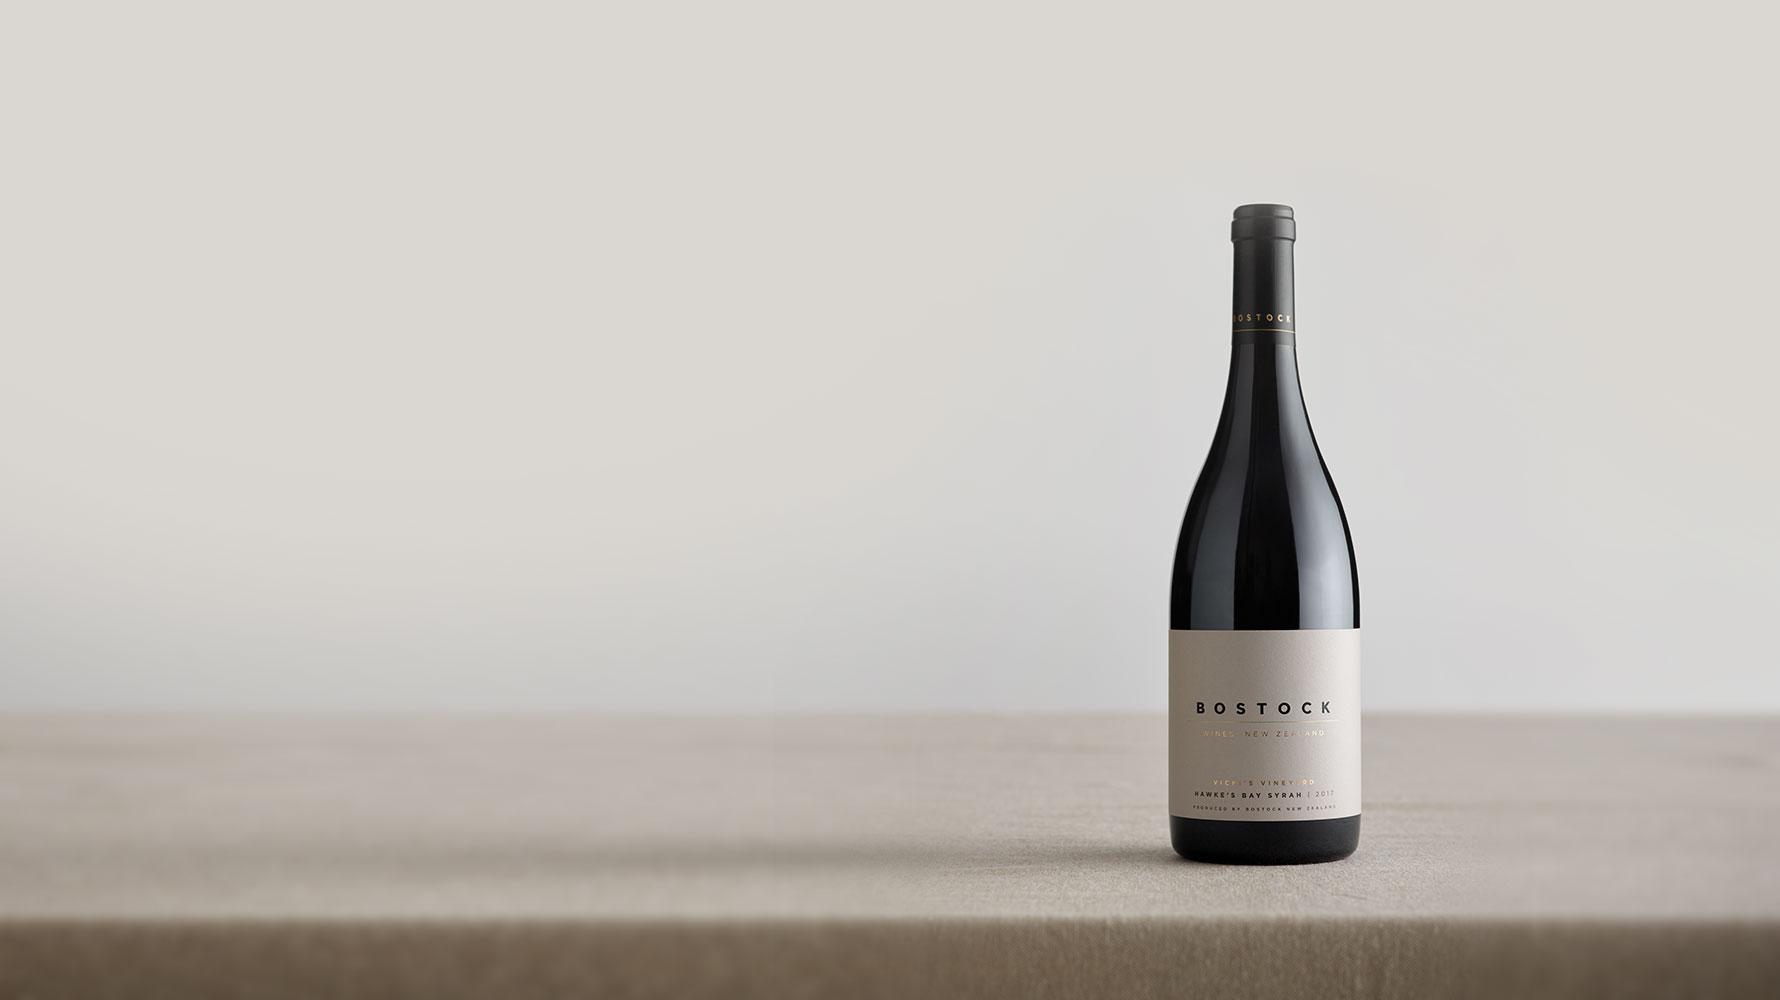 Contact Bostock Wines